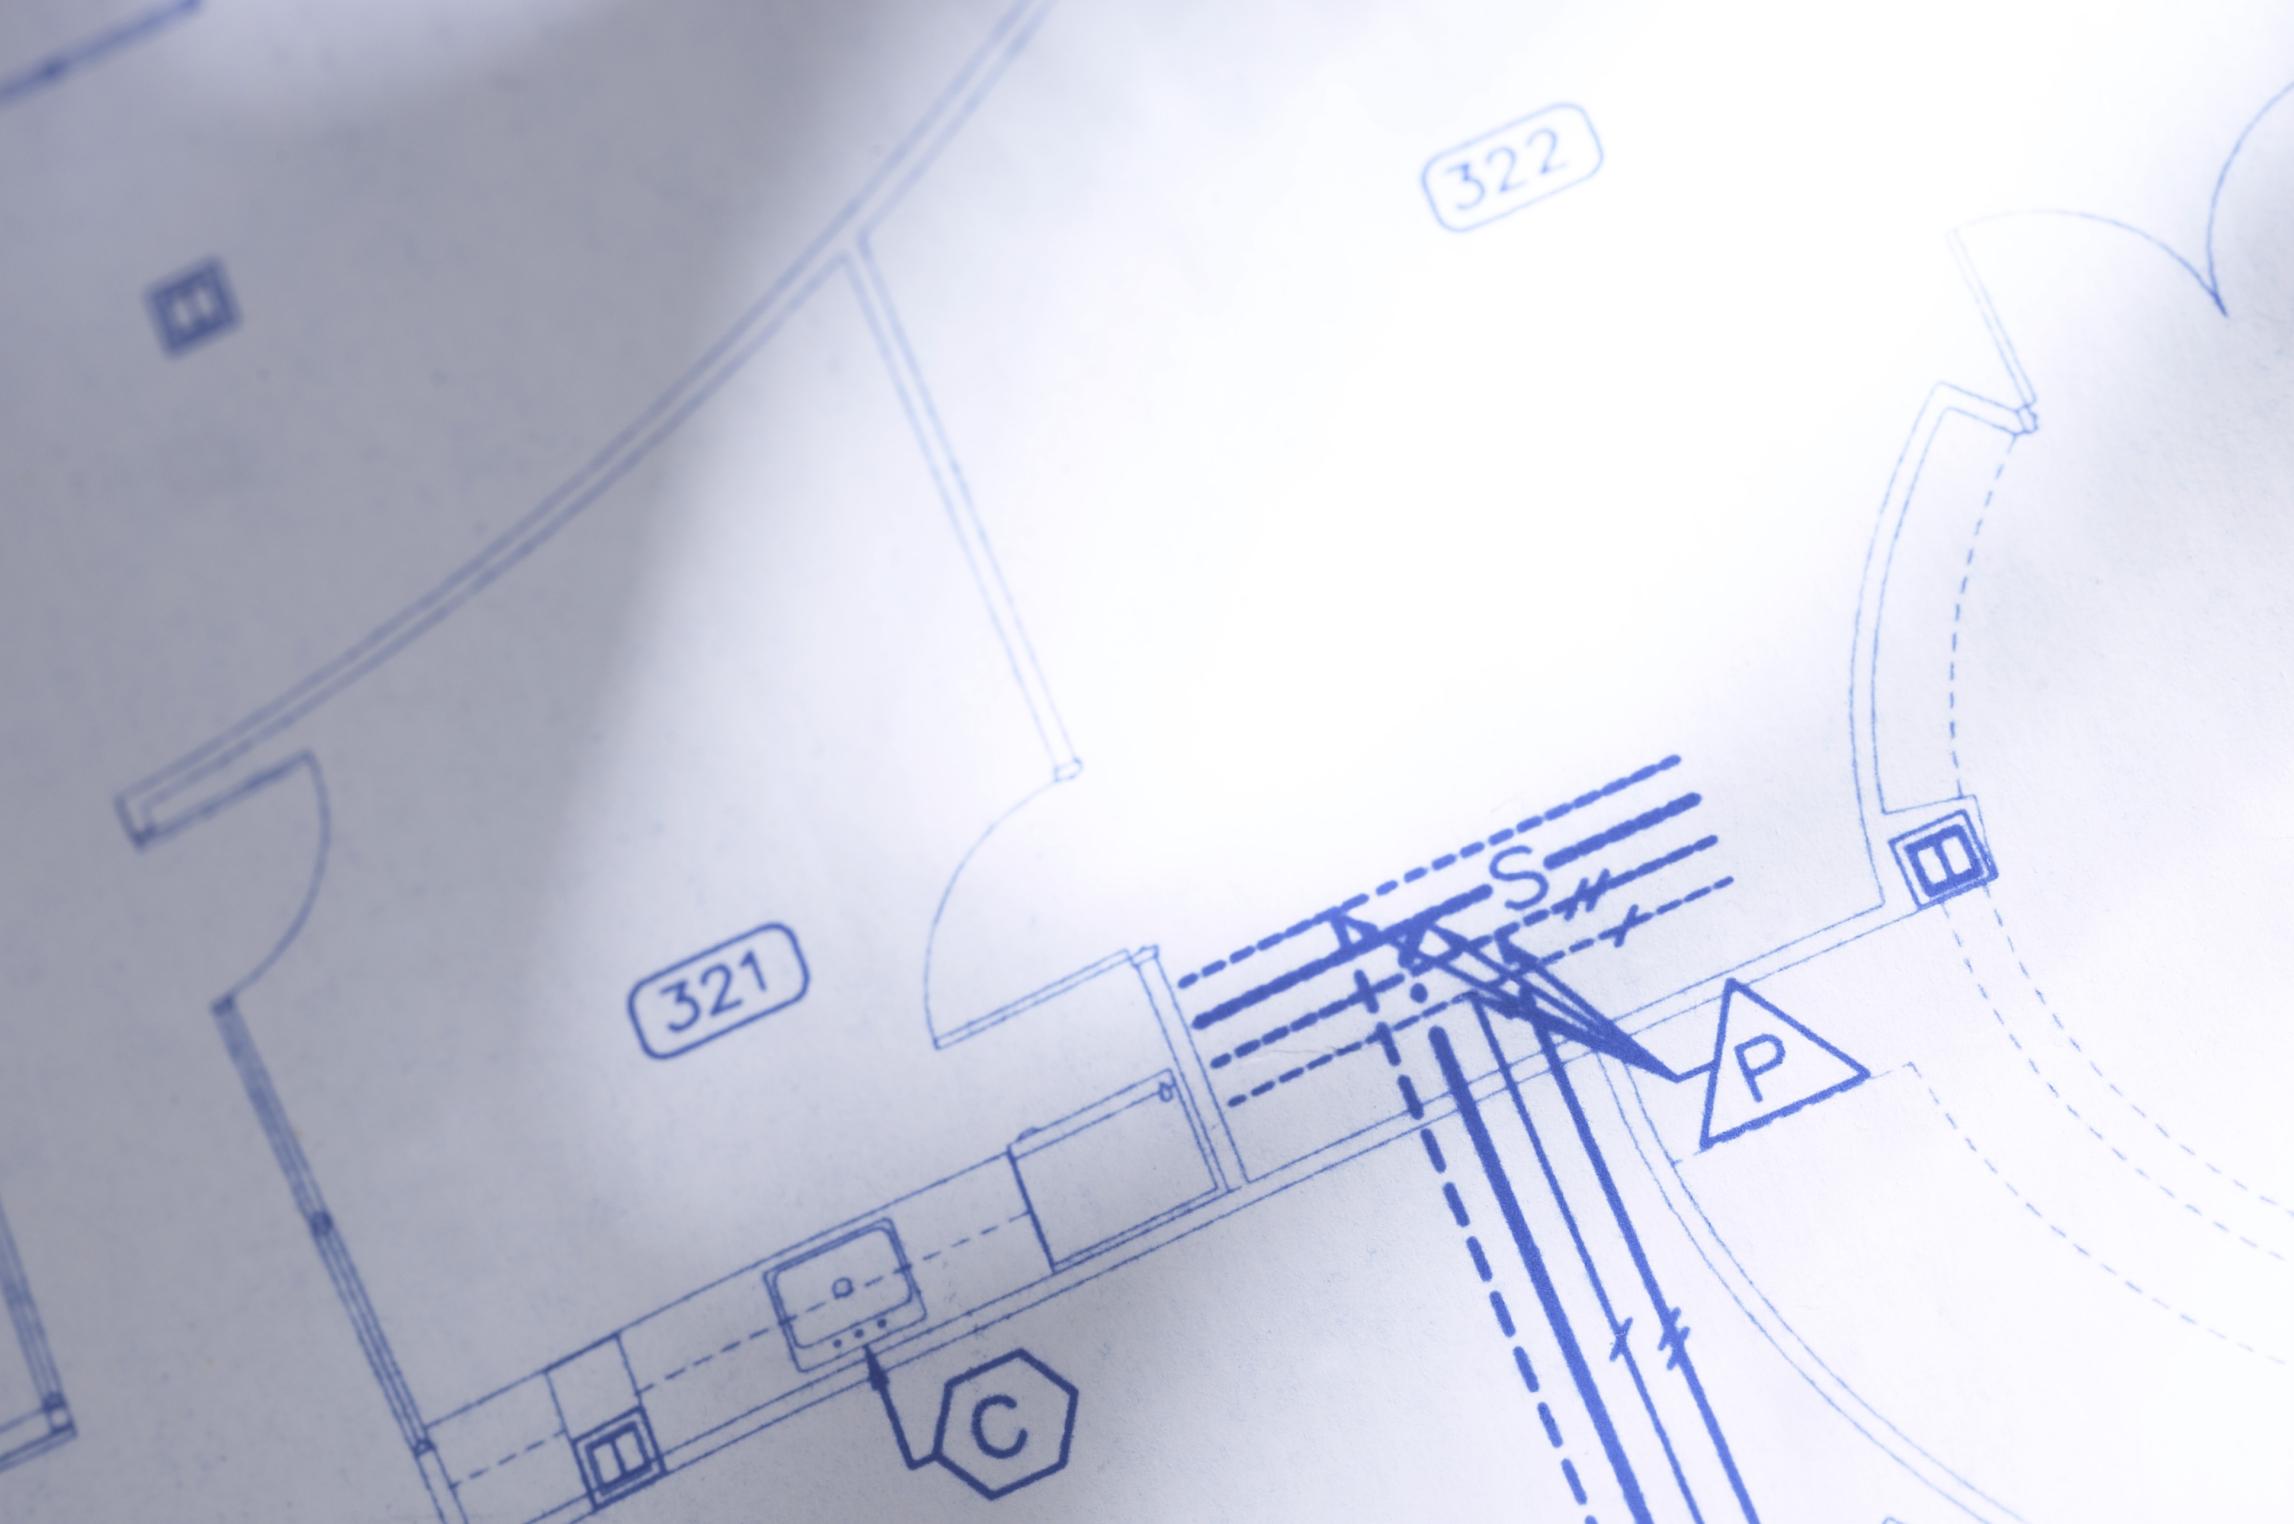 Cómo Dibujar Una Línea De Corte En Autocad En 3 Pasos Techlandia